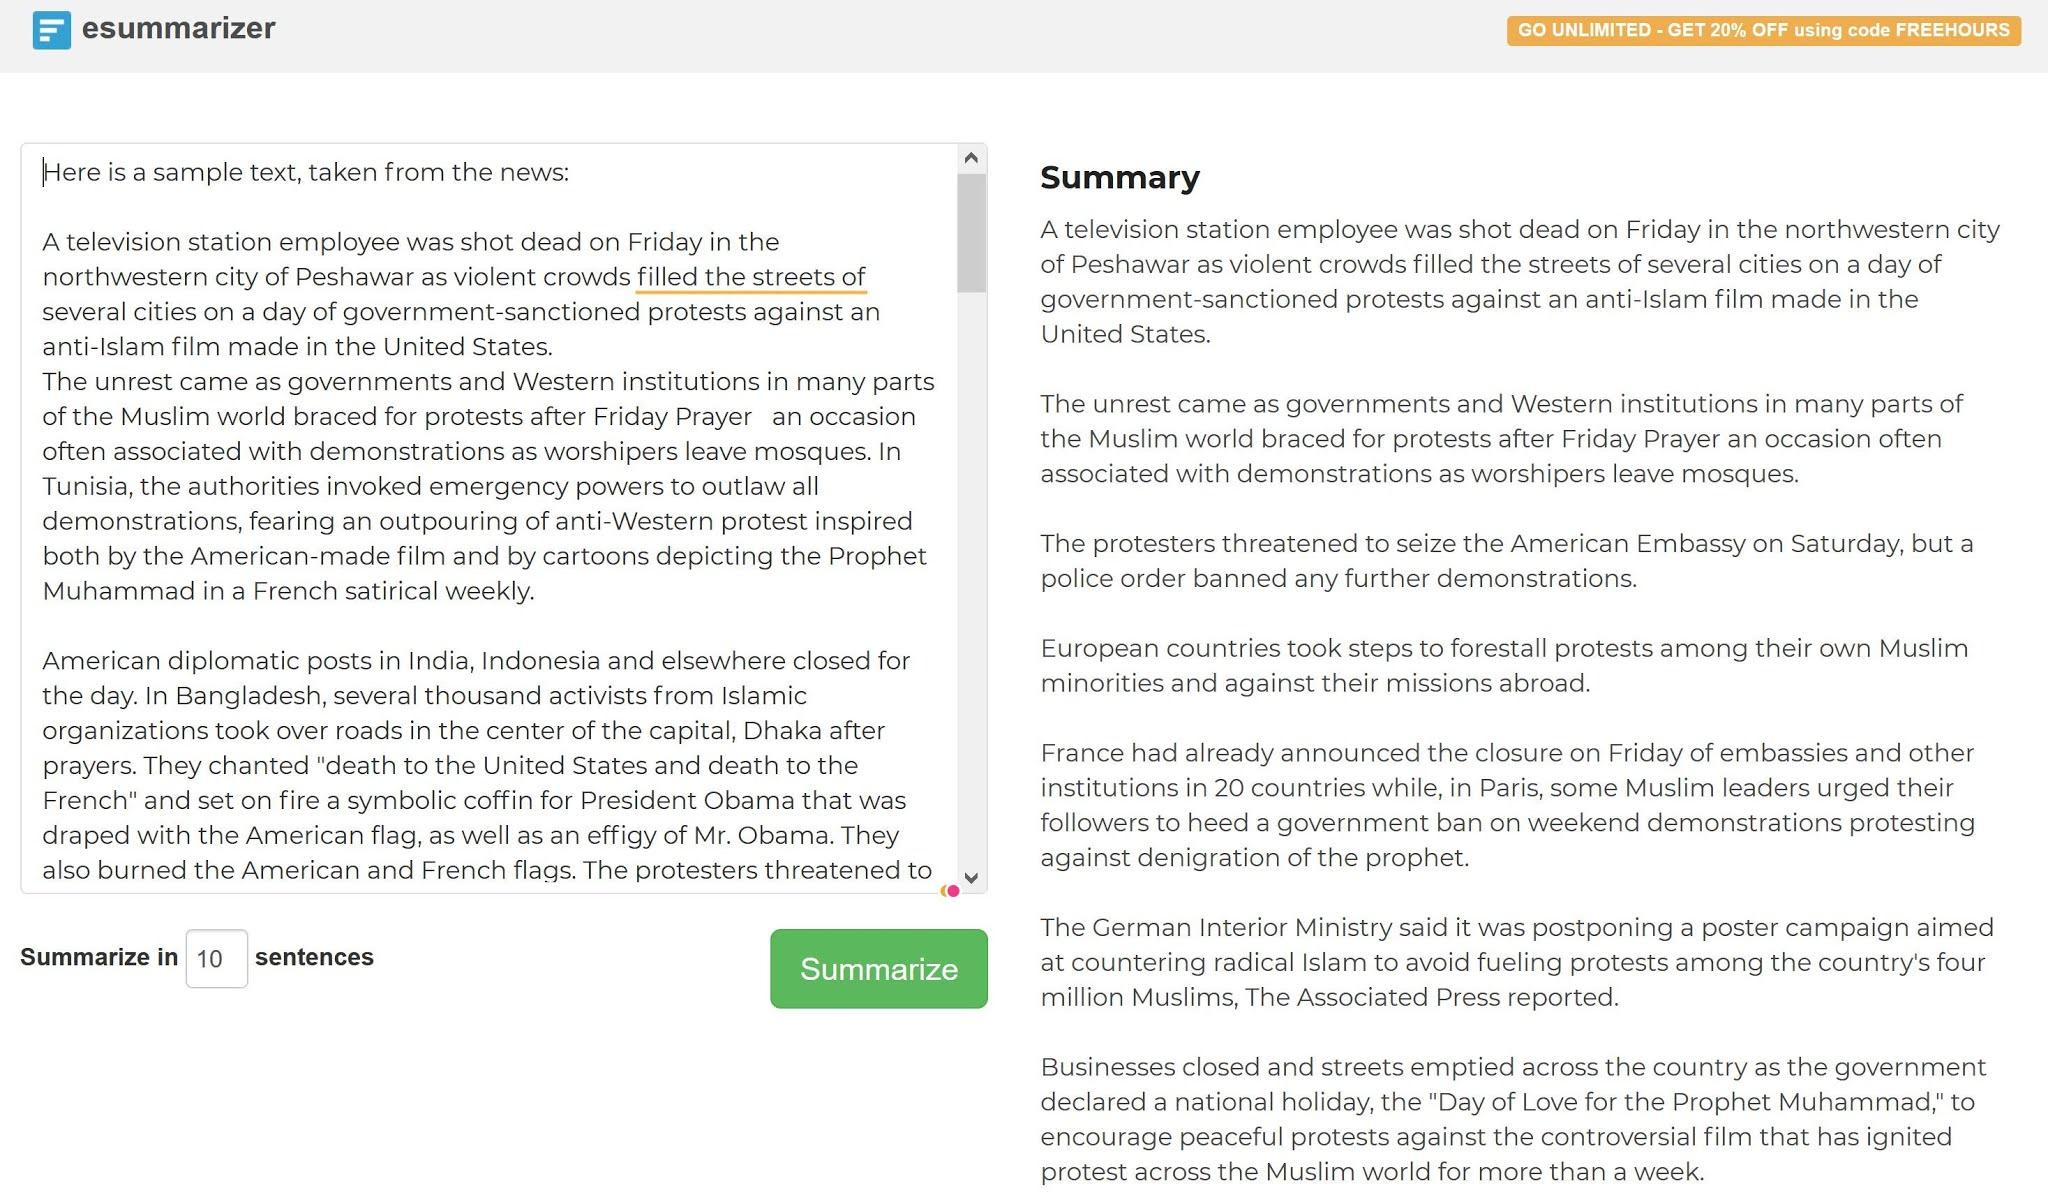 كيف اختصر مقال/كستند/ تقارير مكتوب باللغة الانجليزية؟